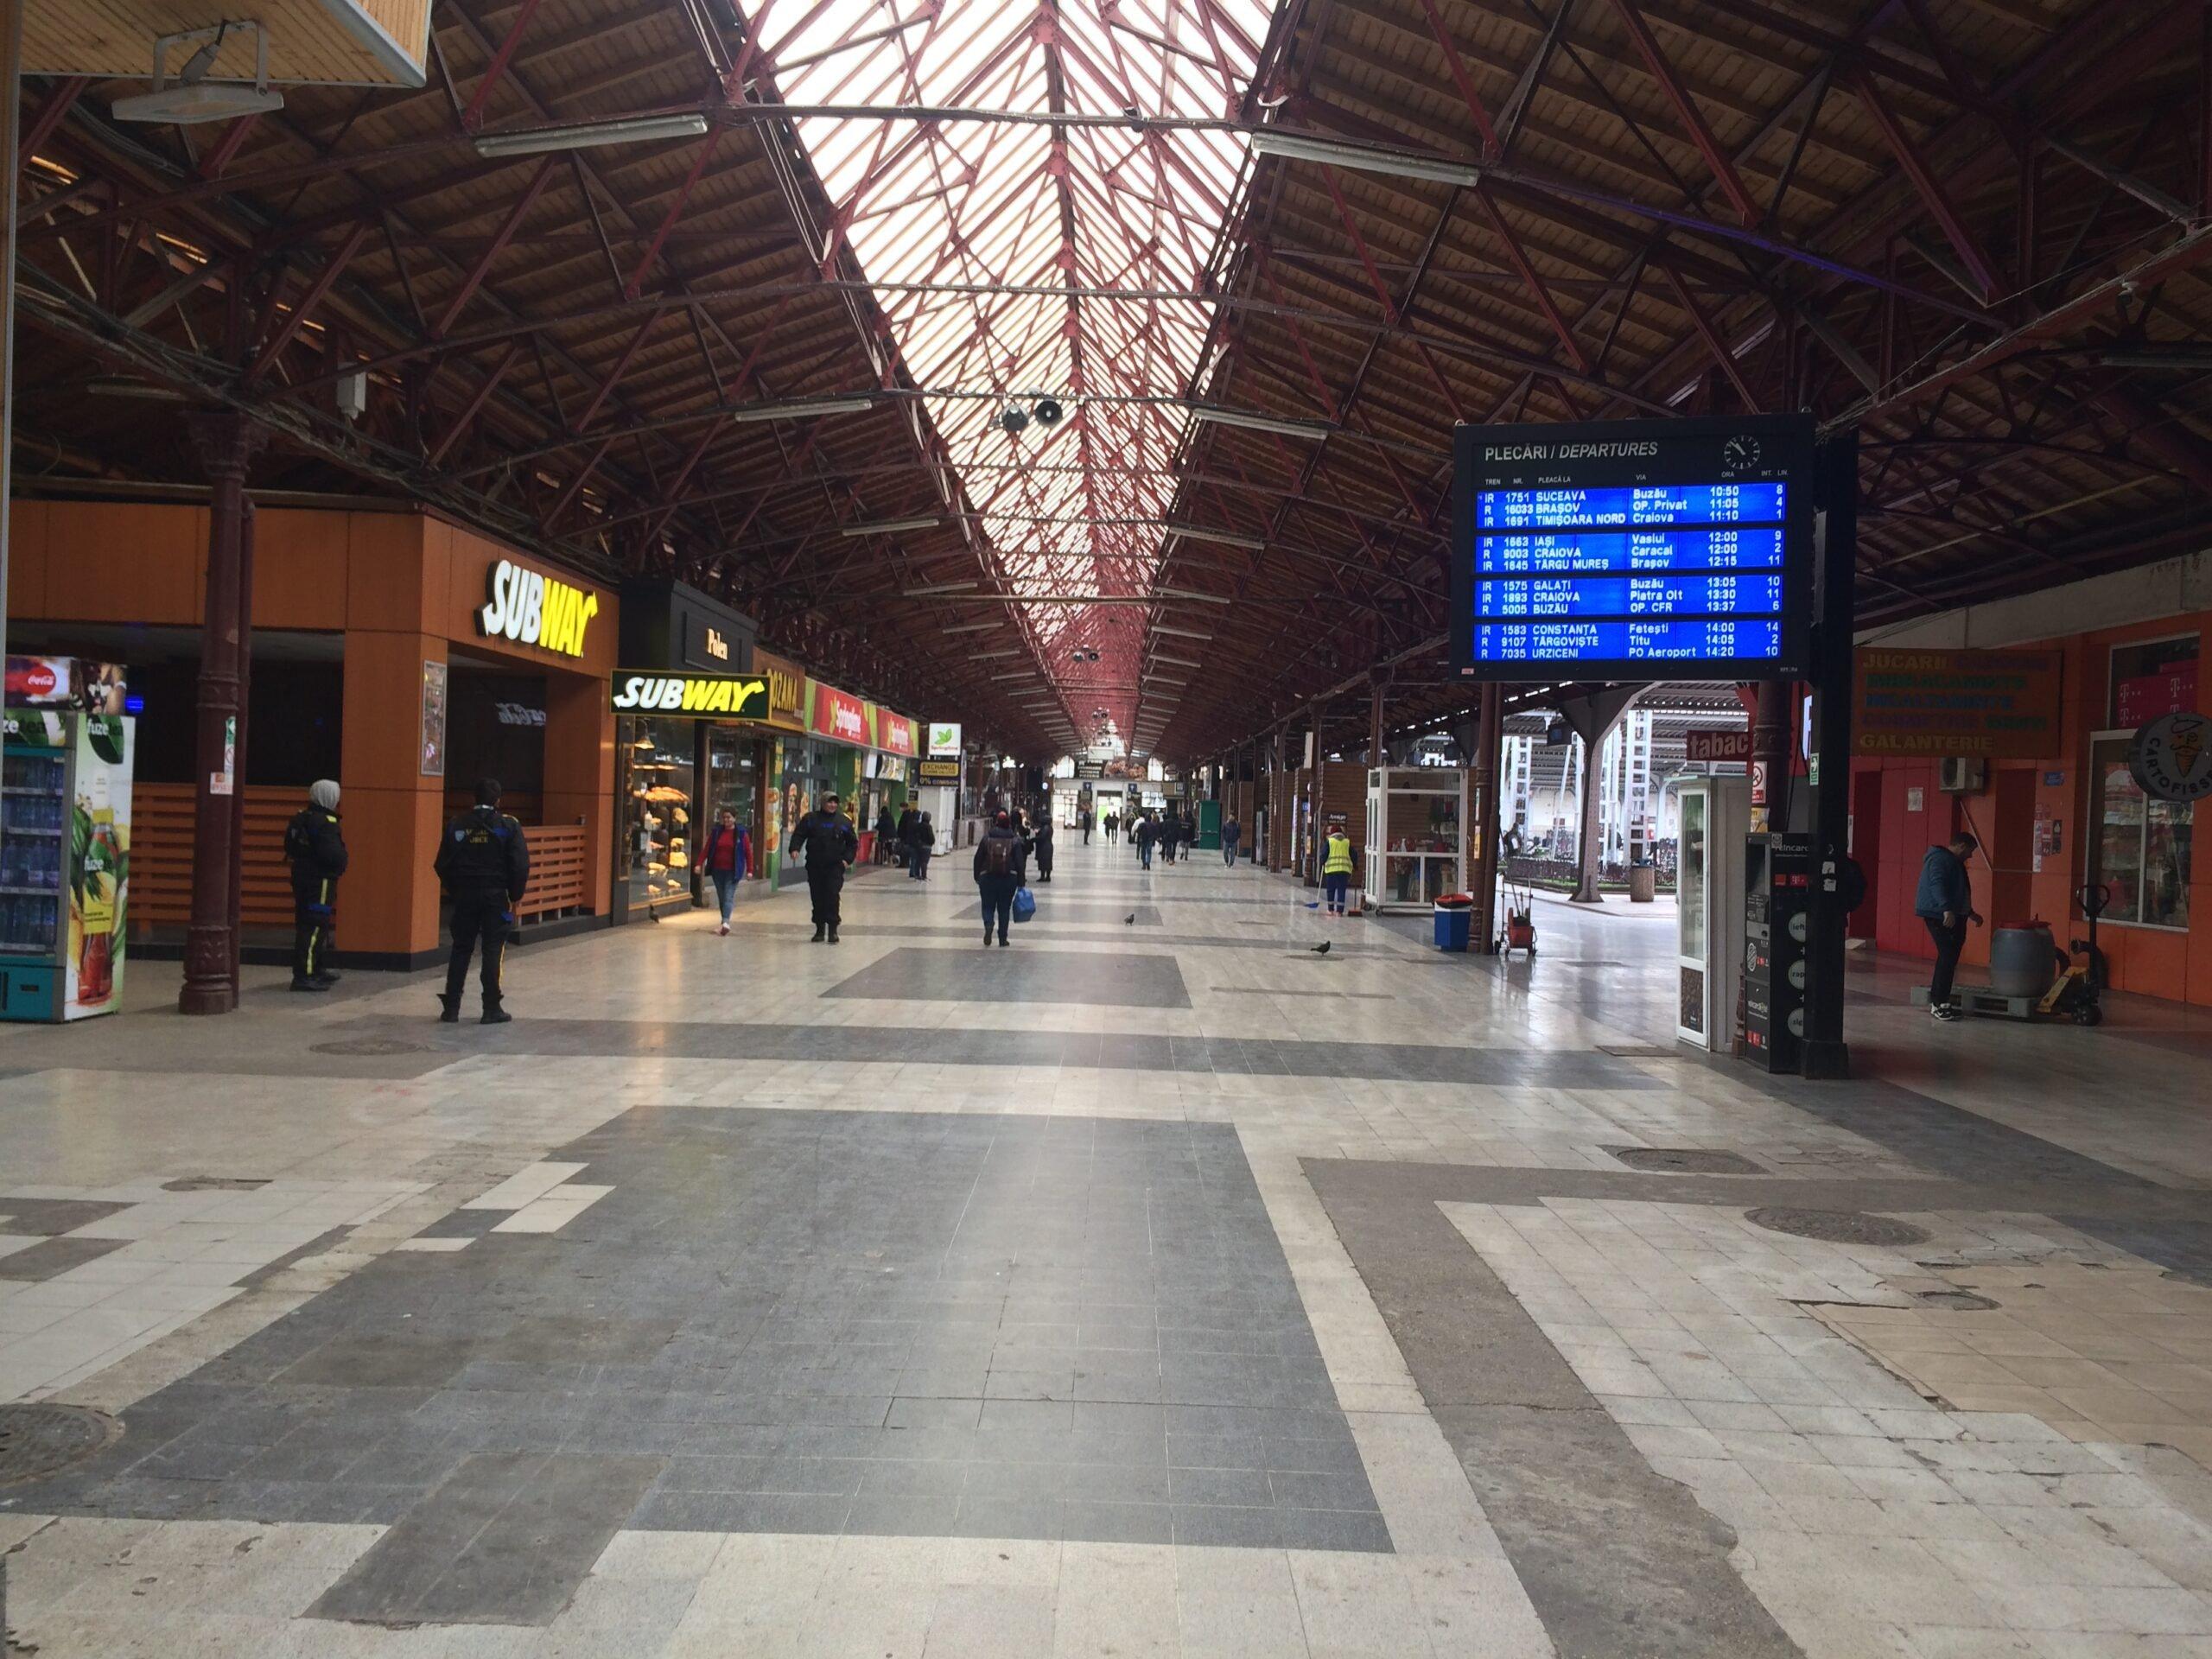 CFR pregătește modernizarea liniilor de cale ferată din București și împrejurimi. Licitație de zeci de milioane doar pentru studiul de fezabilitate